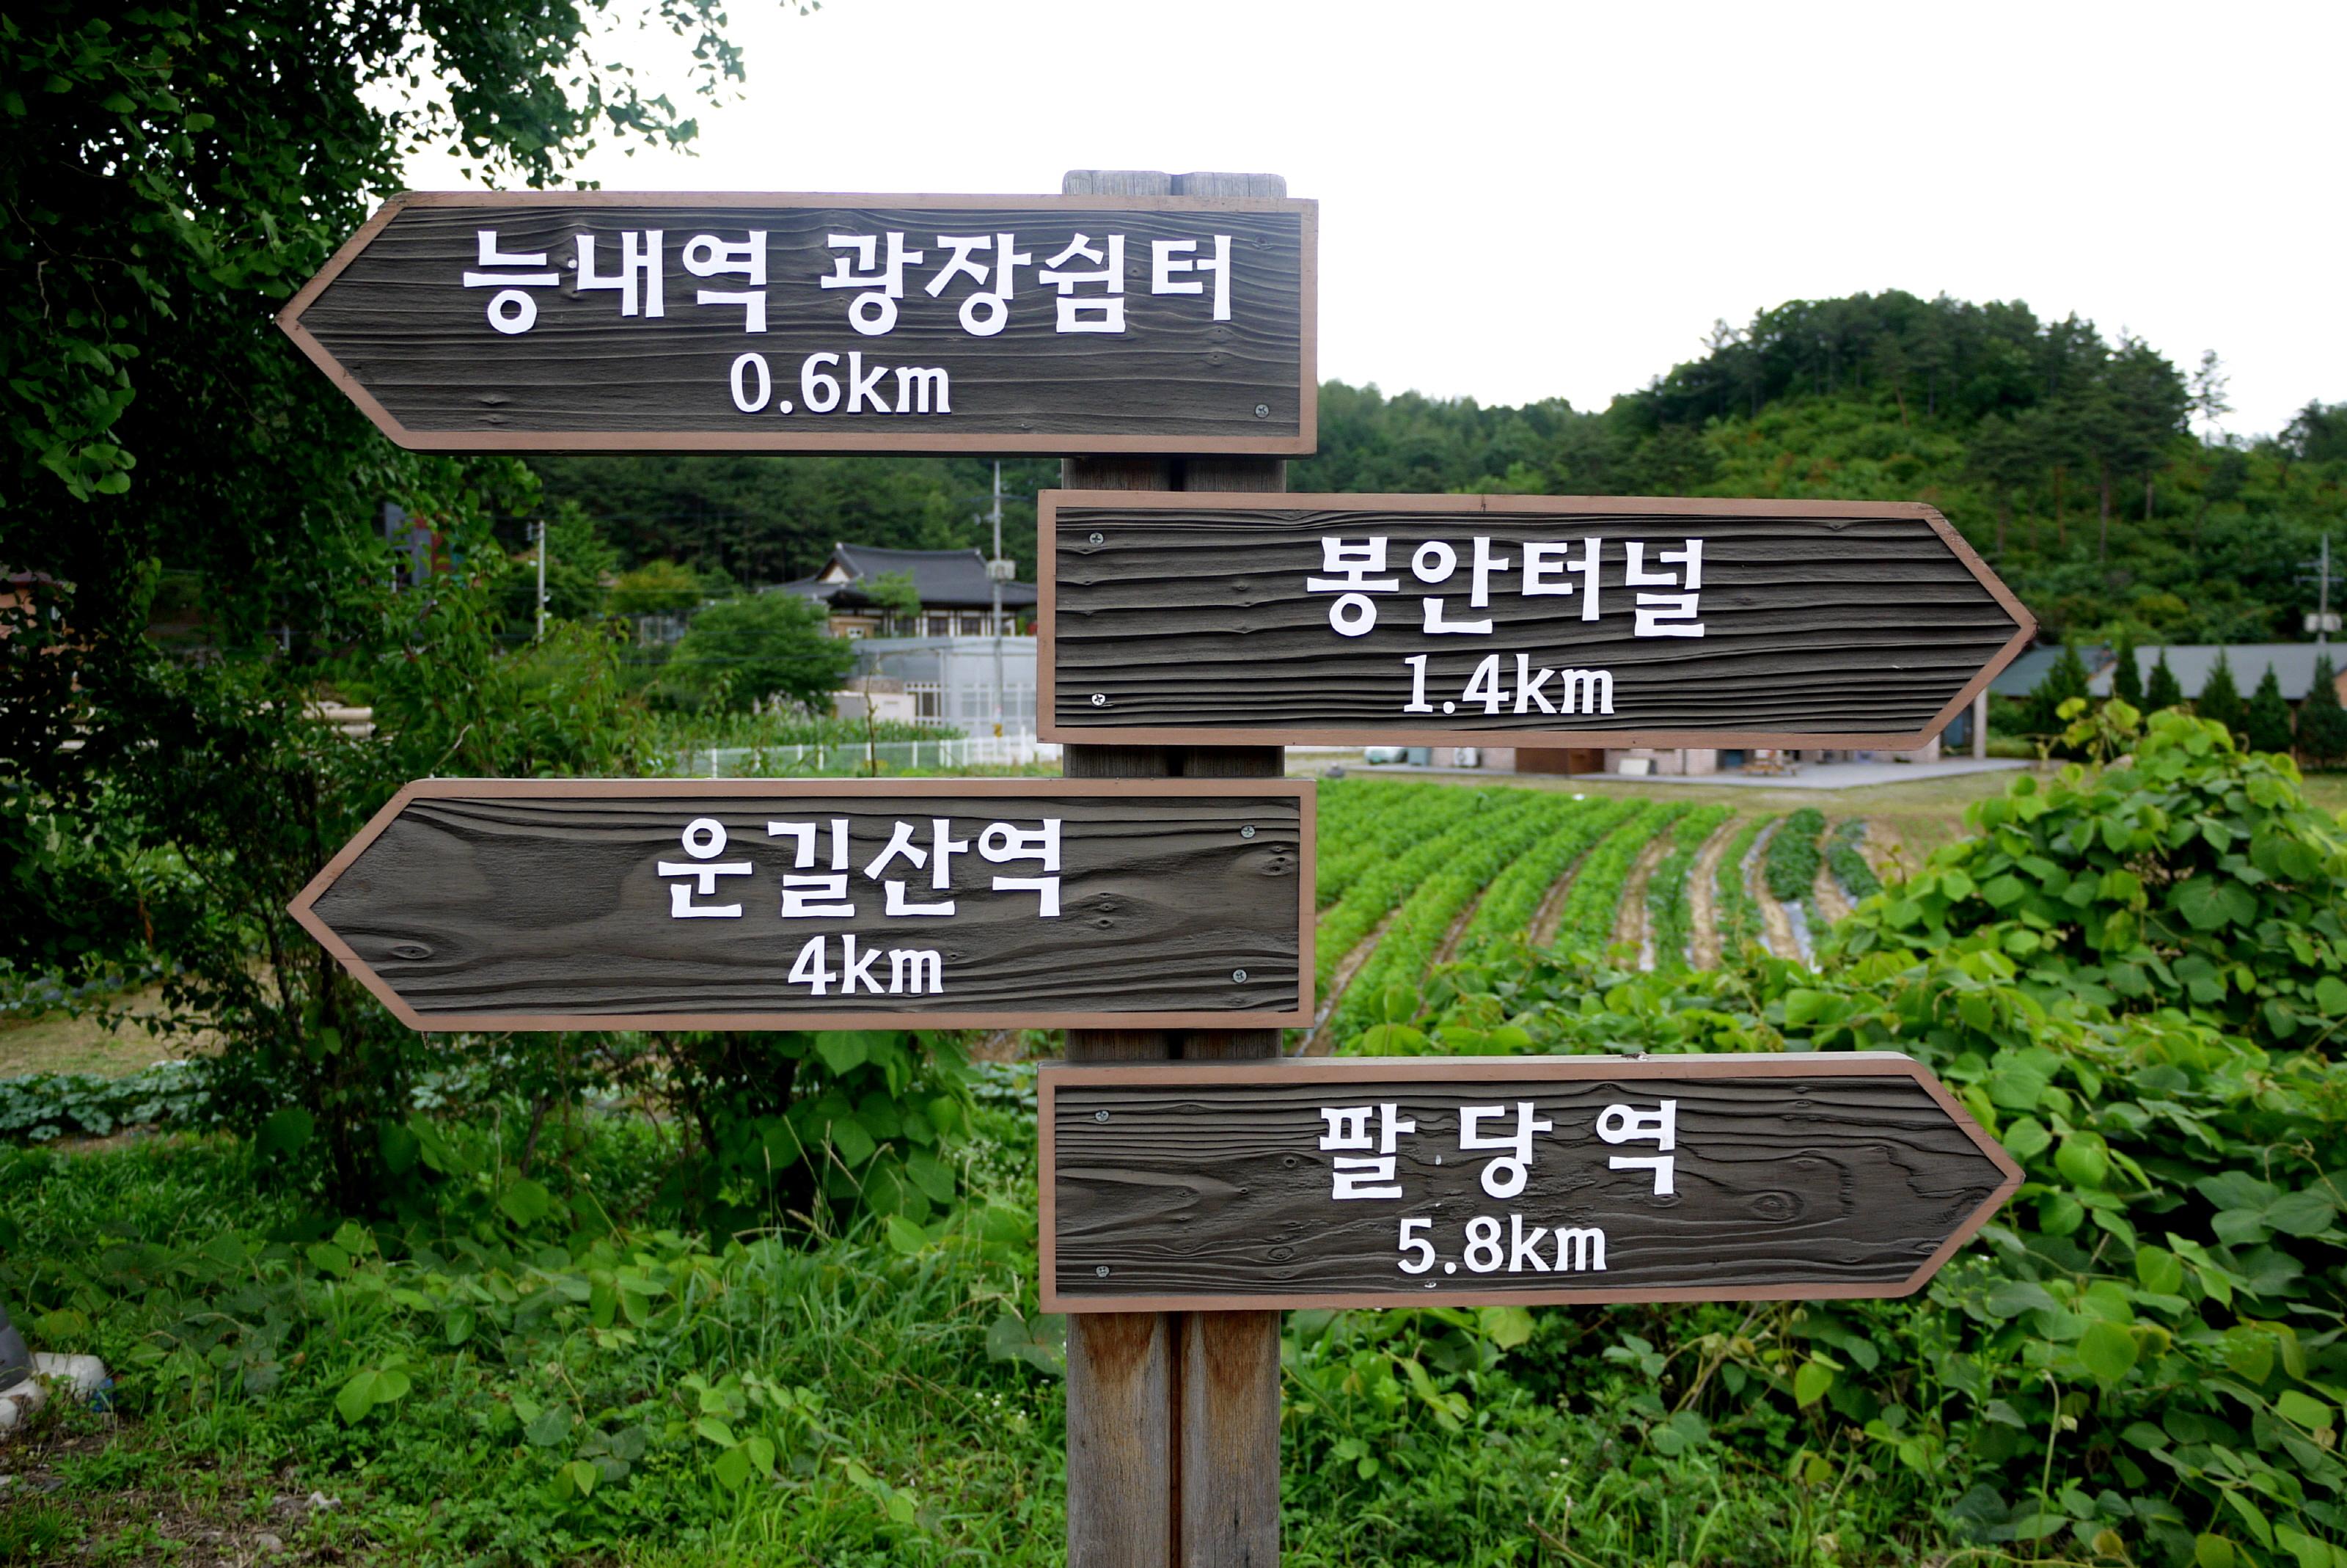 능내역 광장쉼터0.6km|봉안터널1.4km|운길산역4km|팔당역5.8km